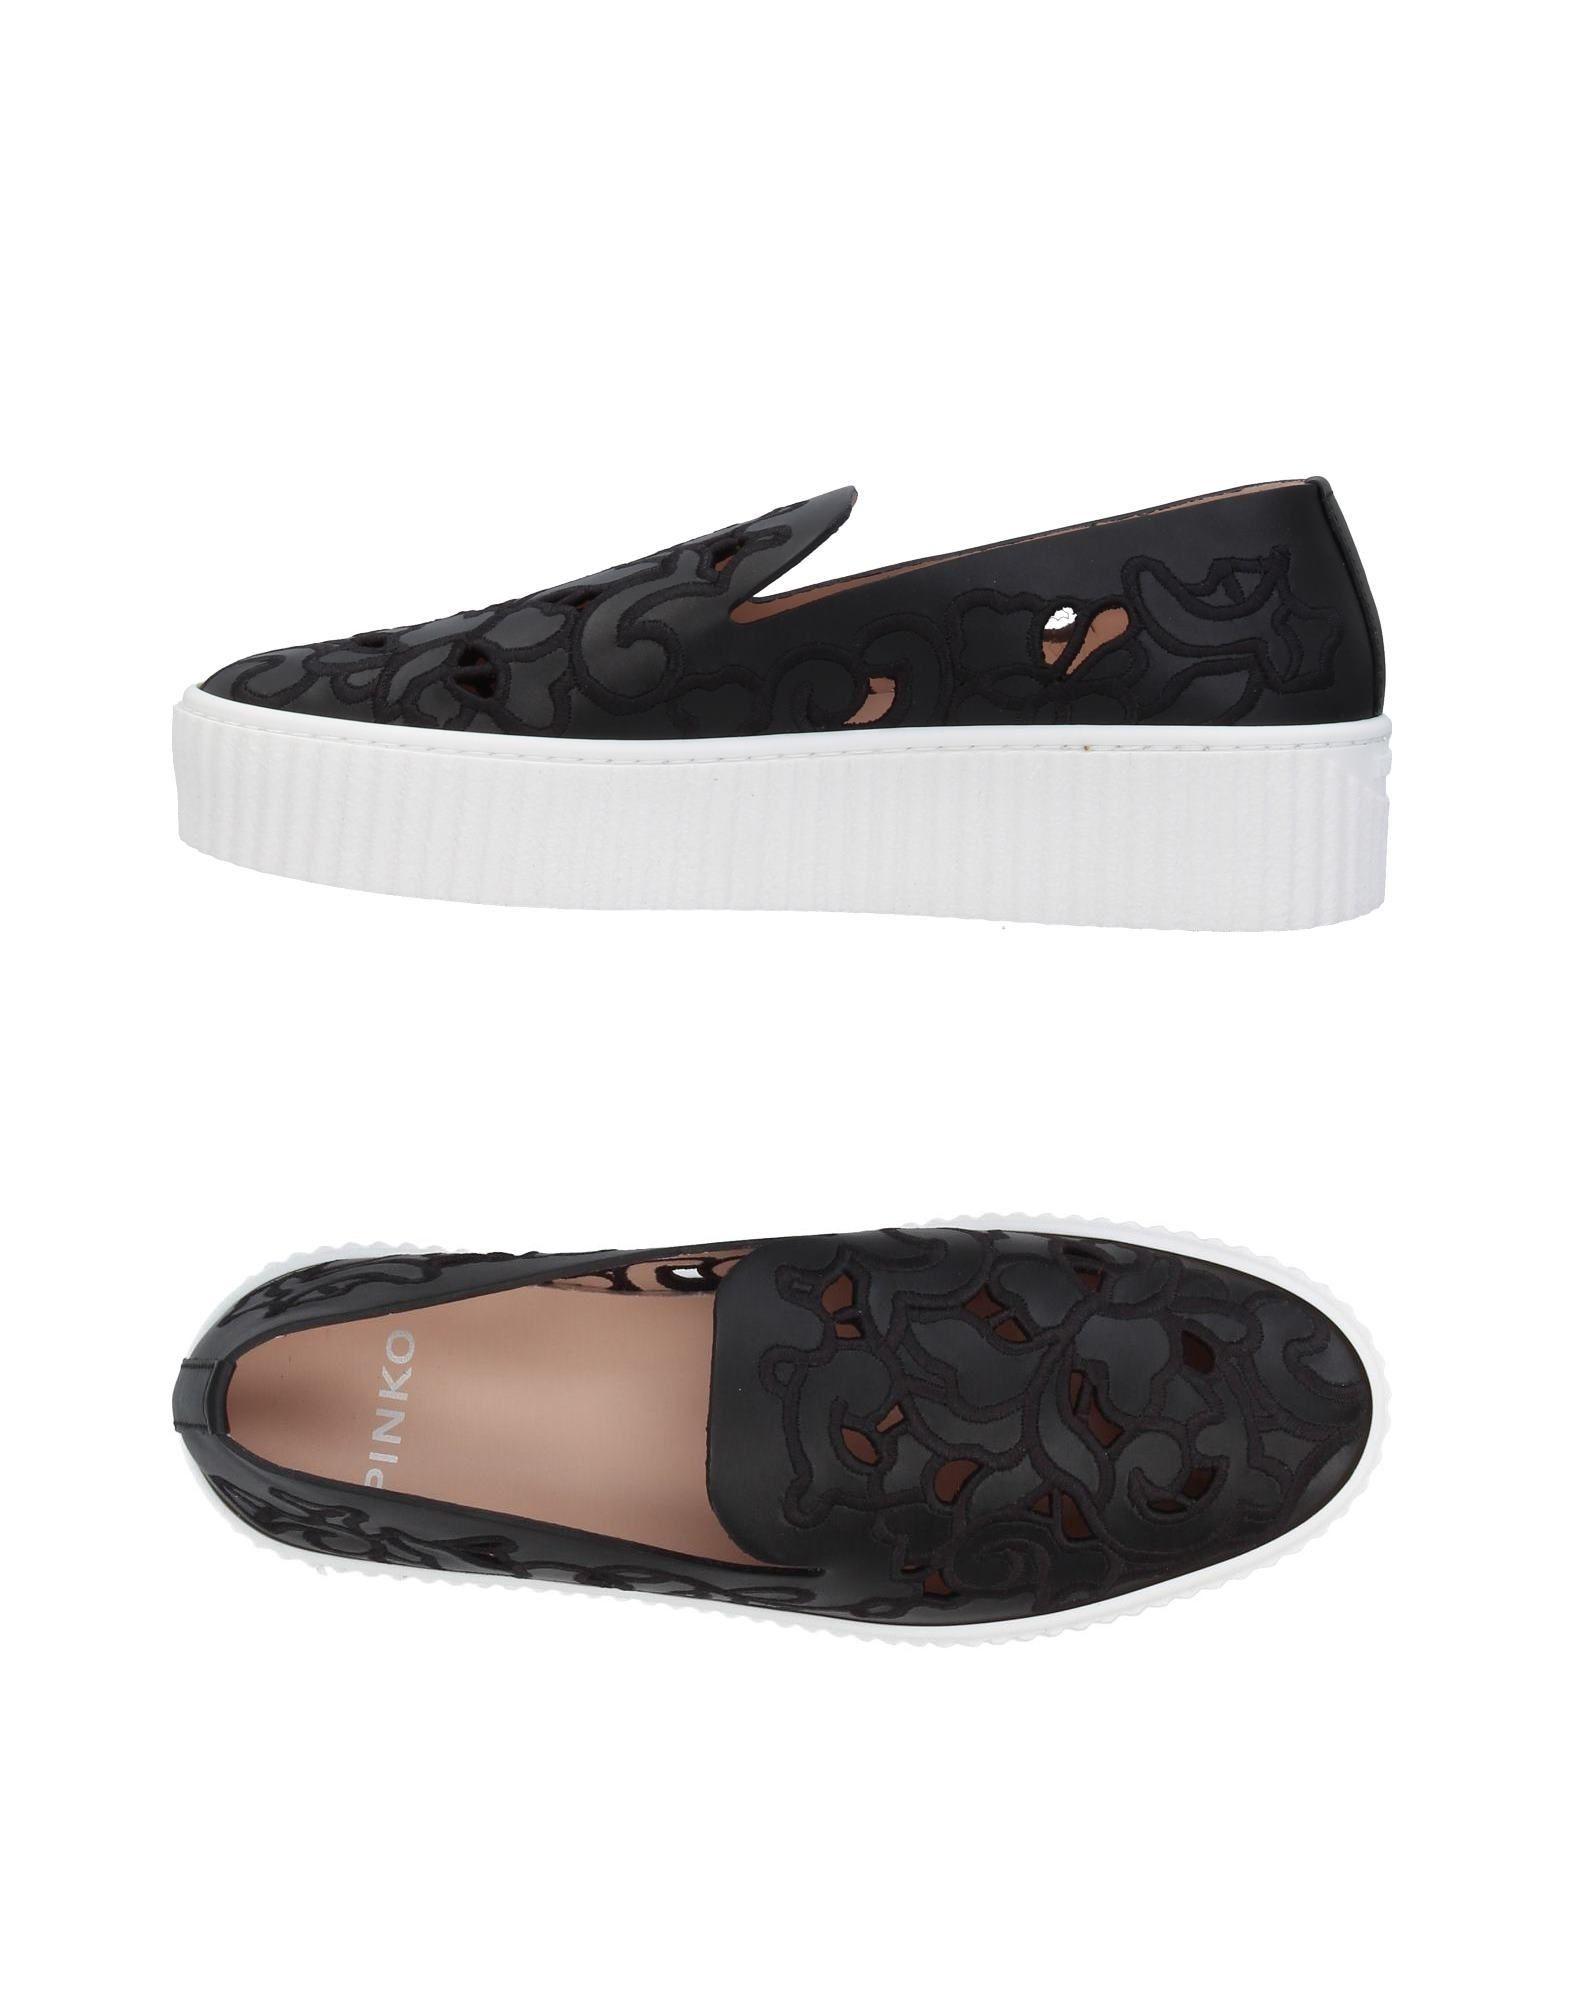 《送料無料》PINKO レディース スニーカー&テニスシューズ(ローカット) ブラック 40 革 / 紡績繊維